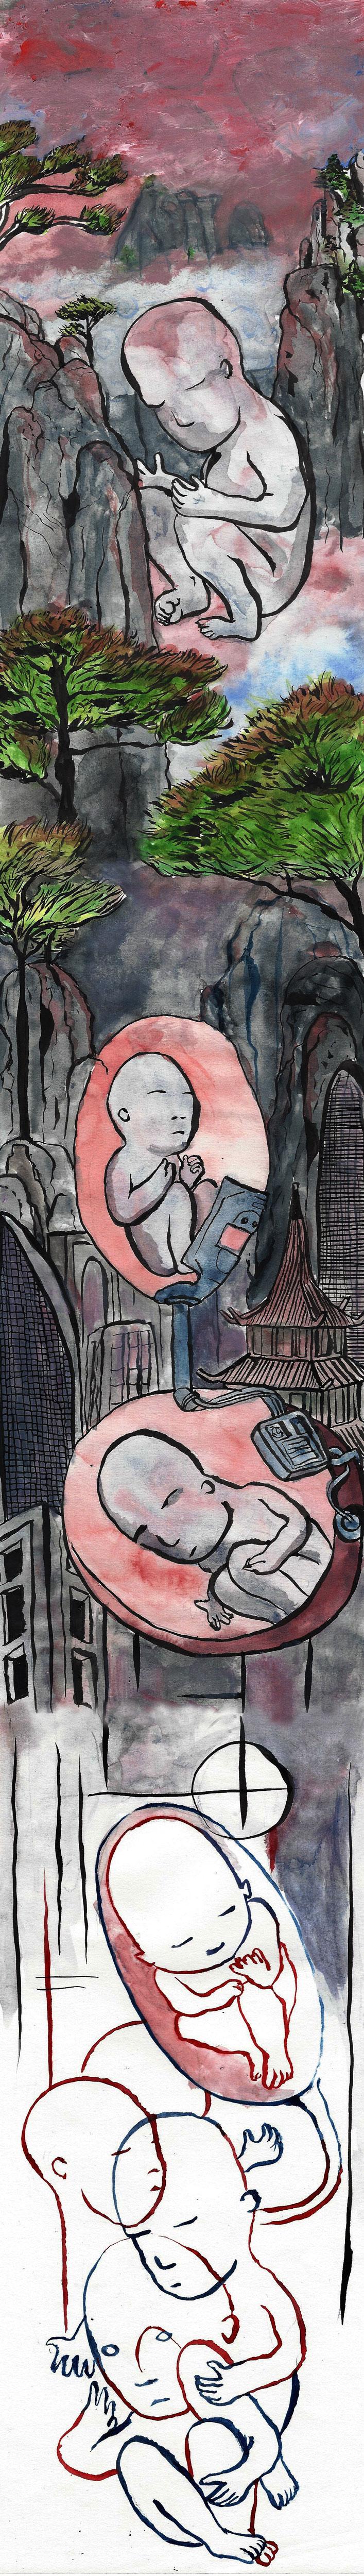 Tinantian, l'enfant chinois né 4 ans après la mort de ses parents : Le meilleur des Mondes aux portes de la Chine ? Illustrations de Su Zo.